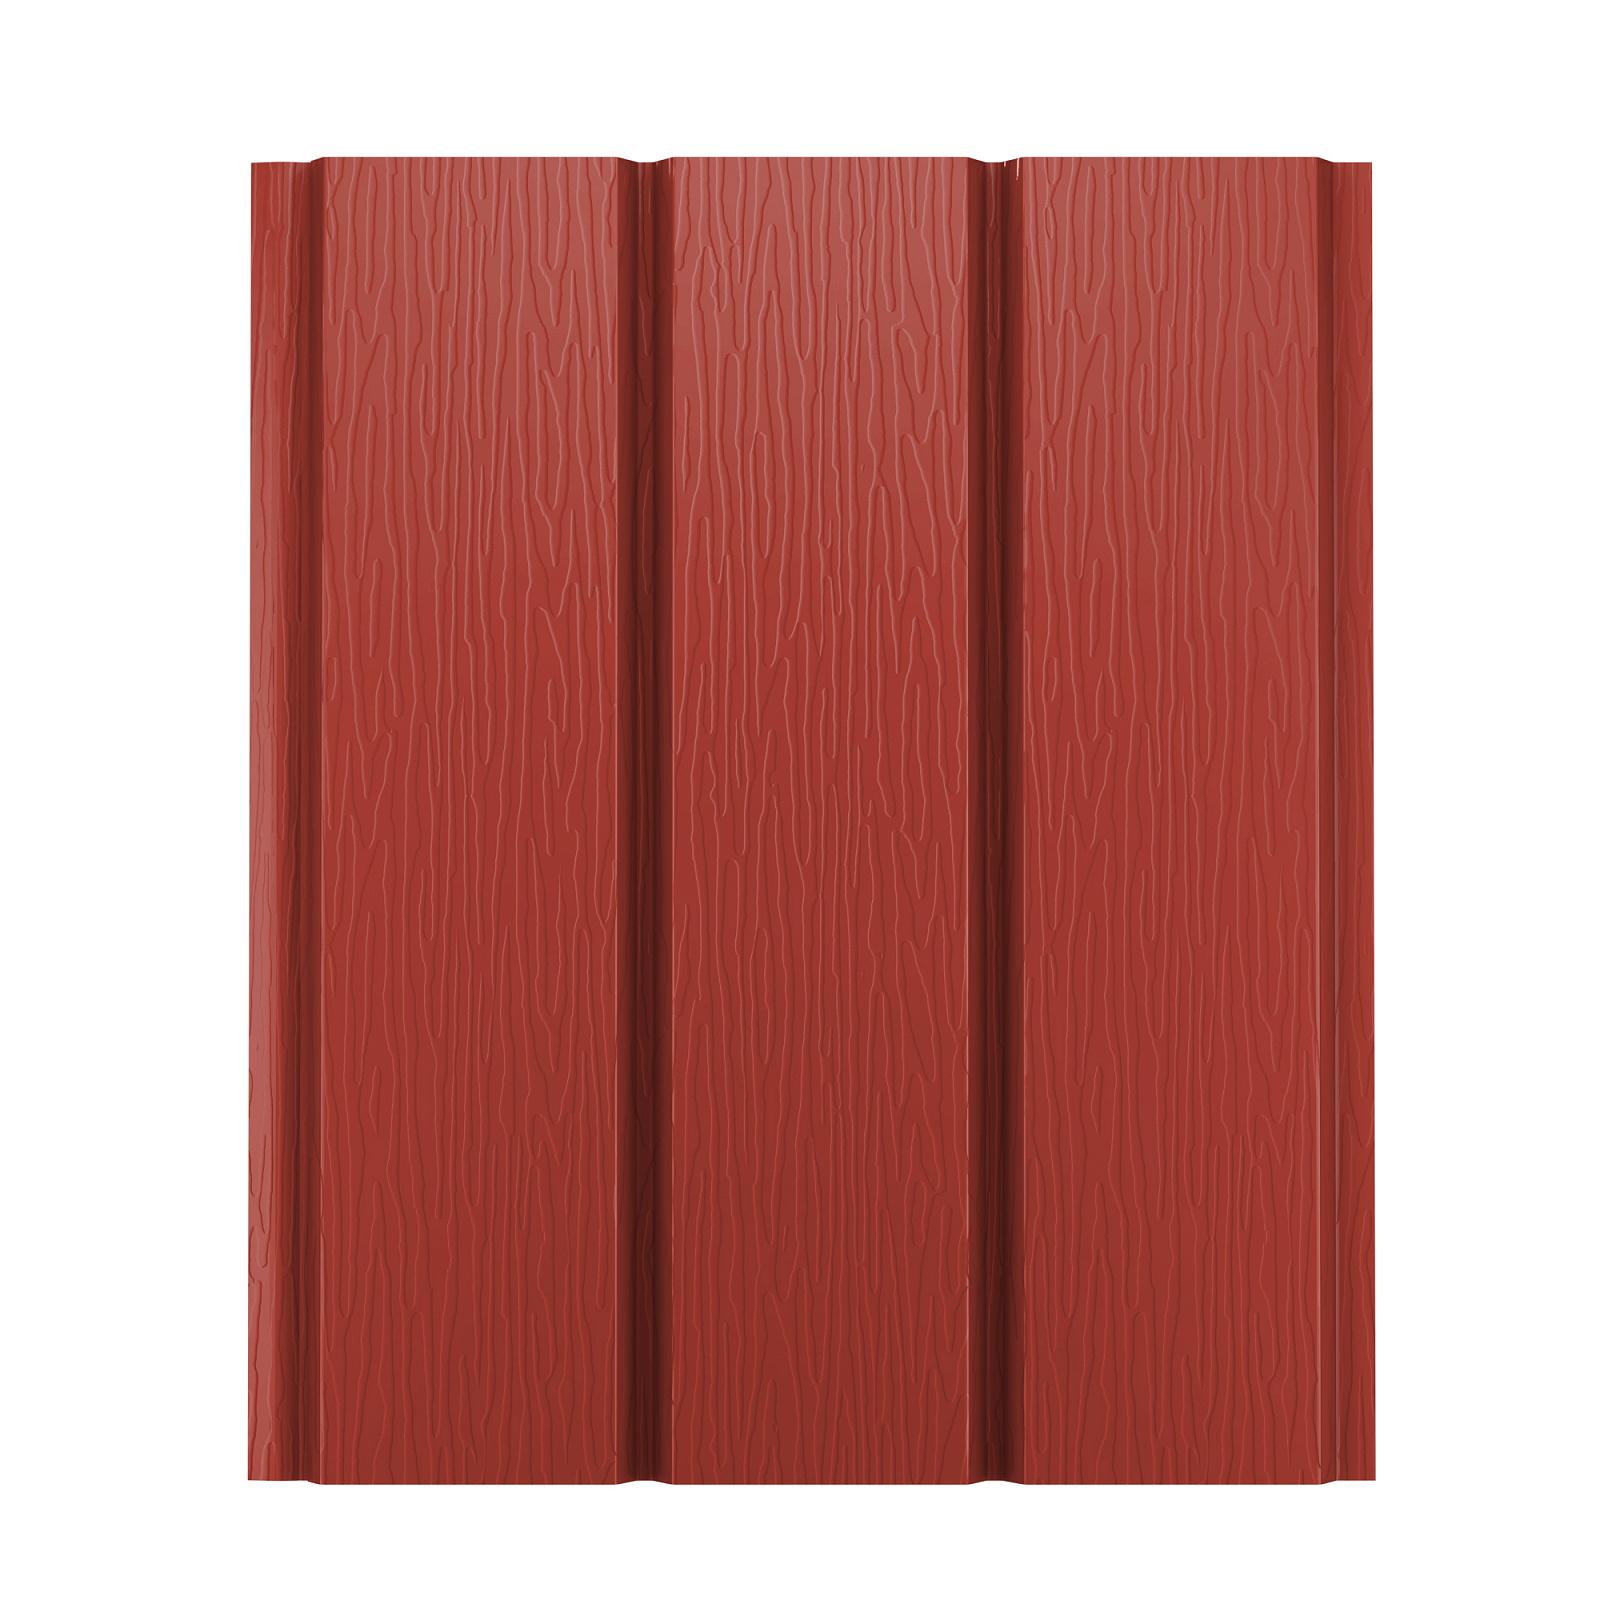 Софит металлический AquaSystem без перфорации Pural 275 г/м2, 2,4 м красный RR 29